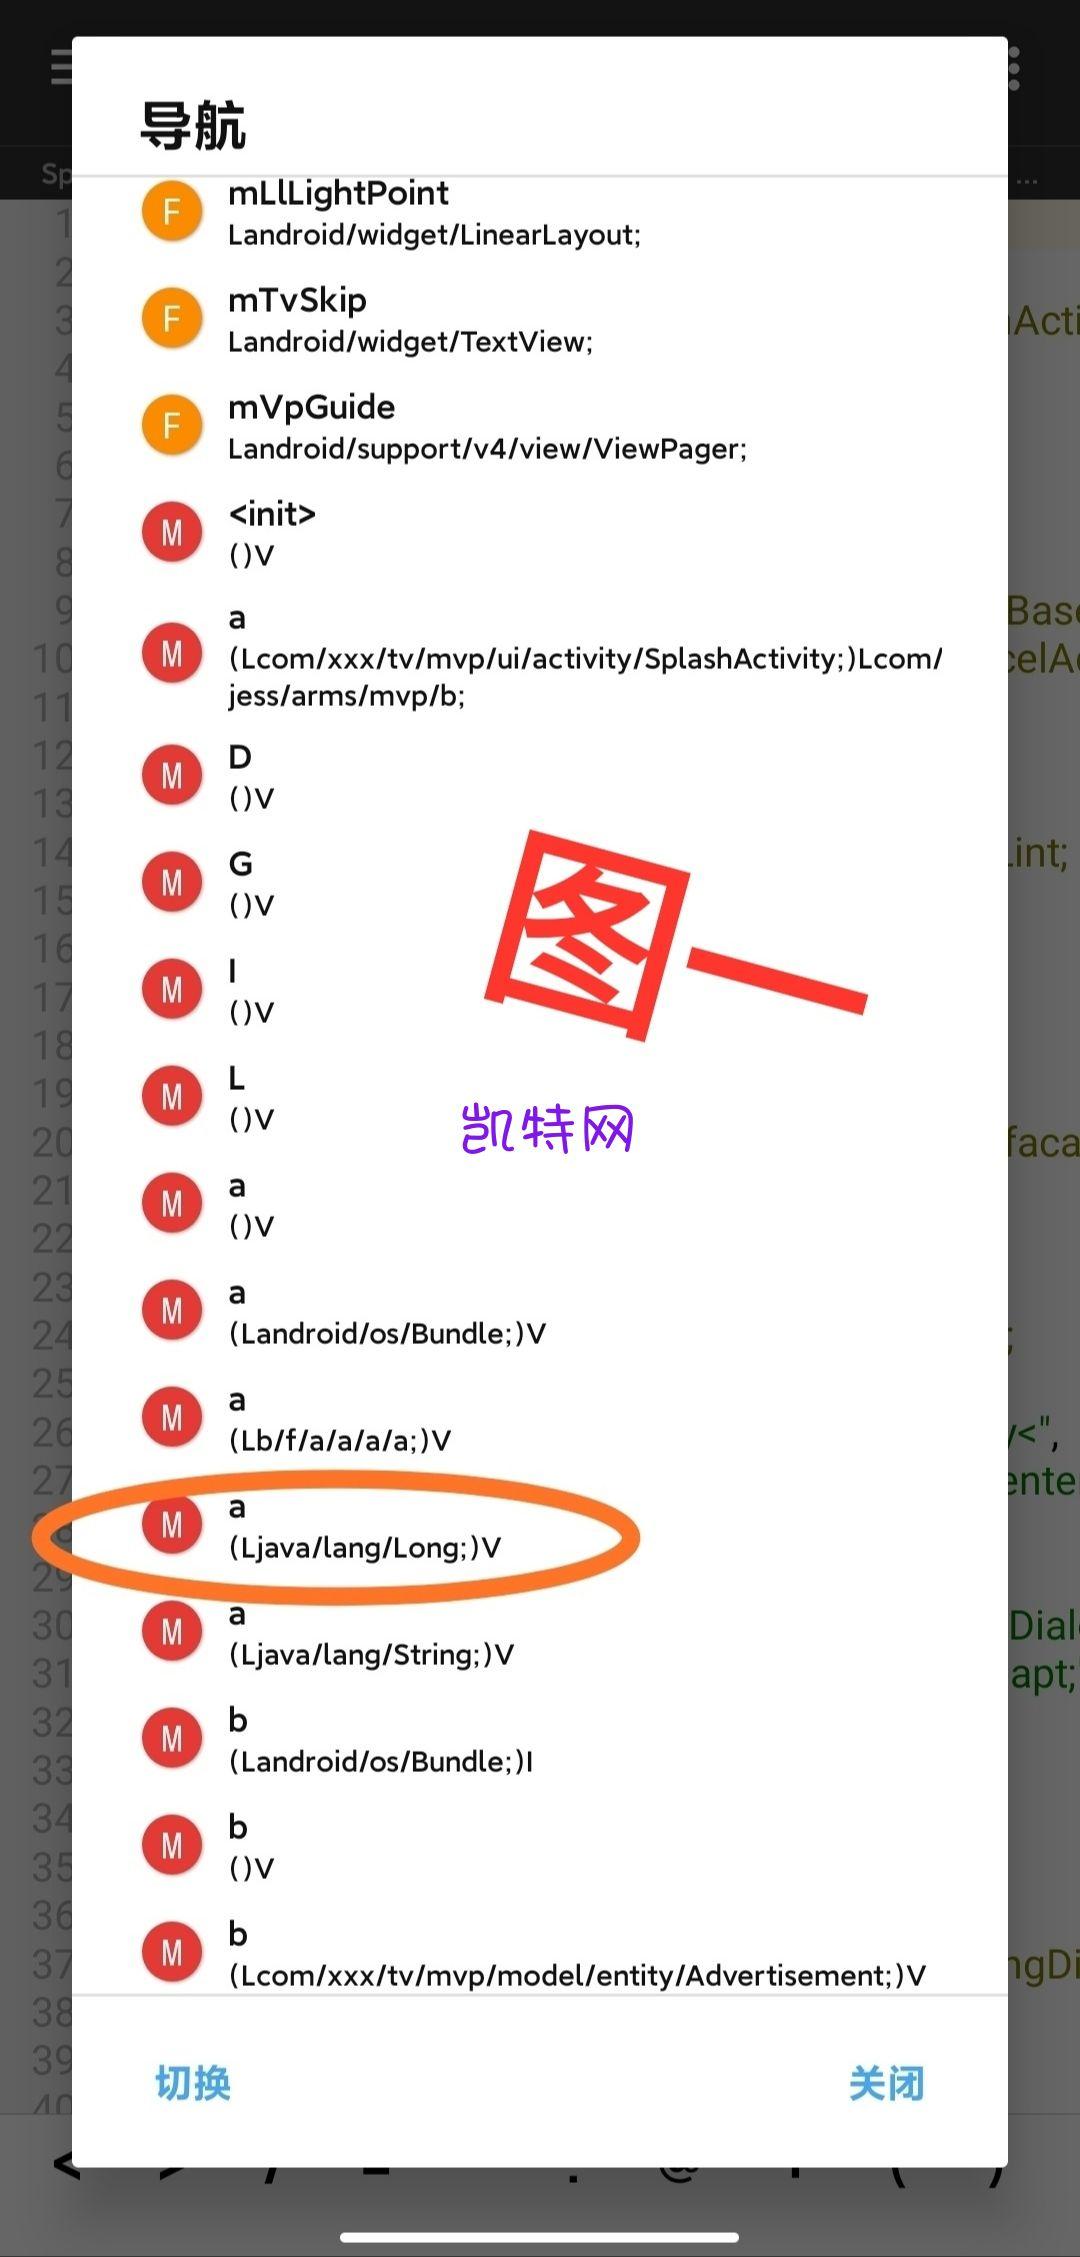 [教程] U5影视 启动广告/会员/免登陆